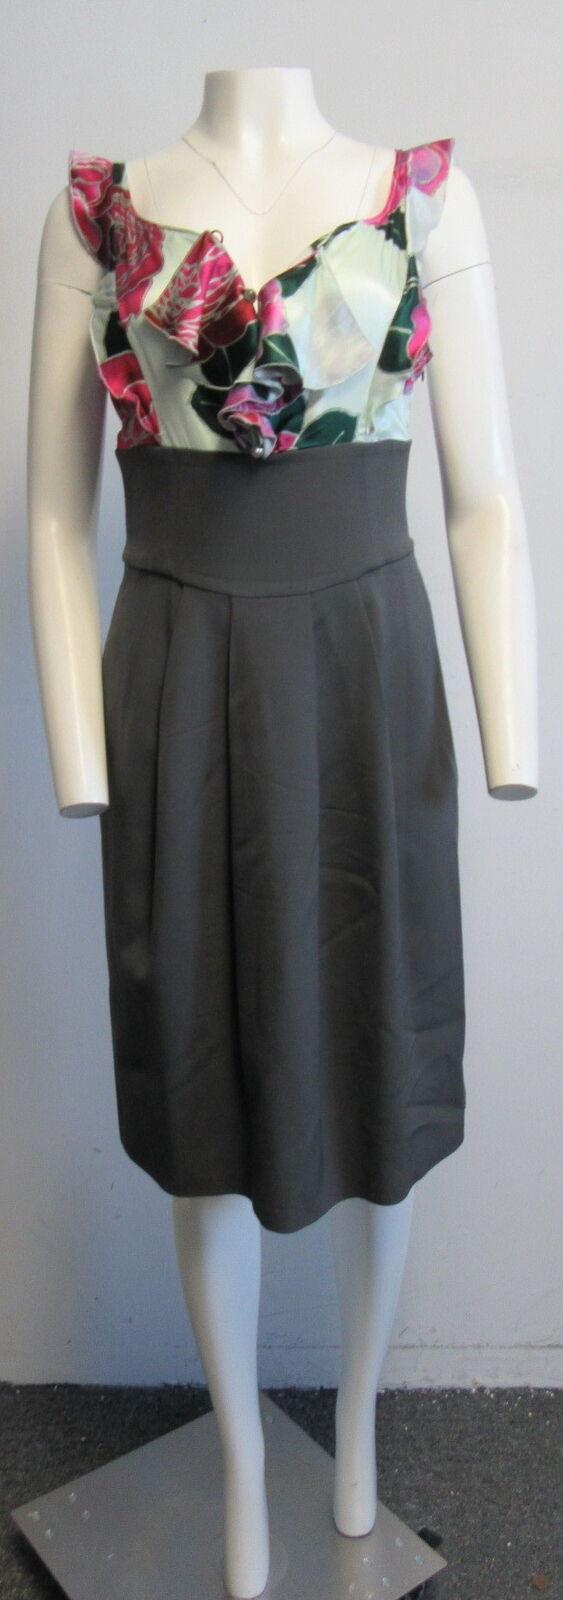 EMPORIO ARMANI Grün silk floral and grau wool dress SZ 44 8